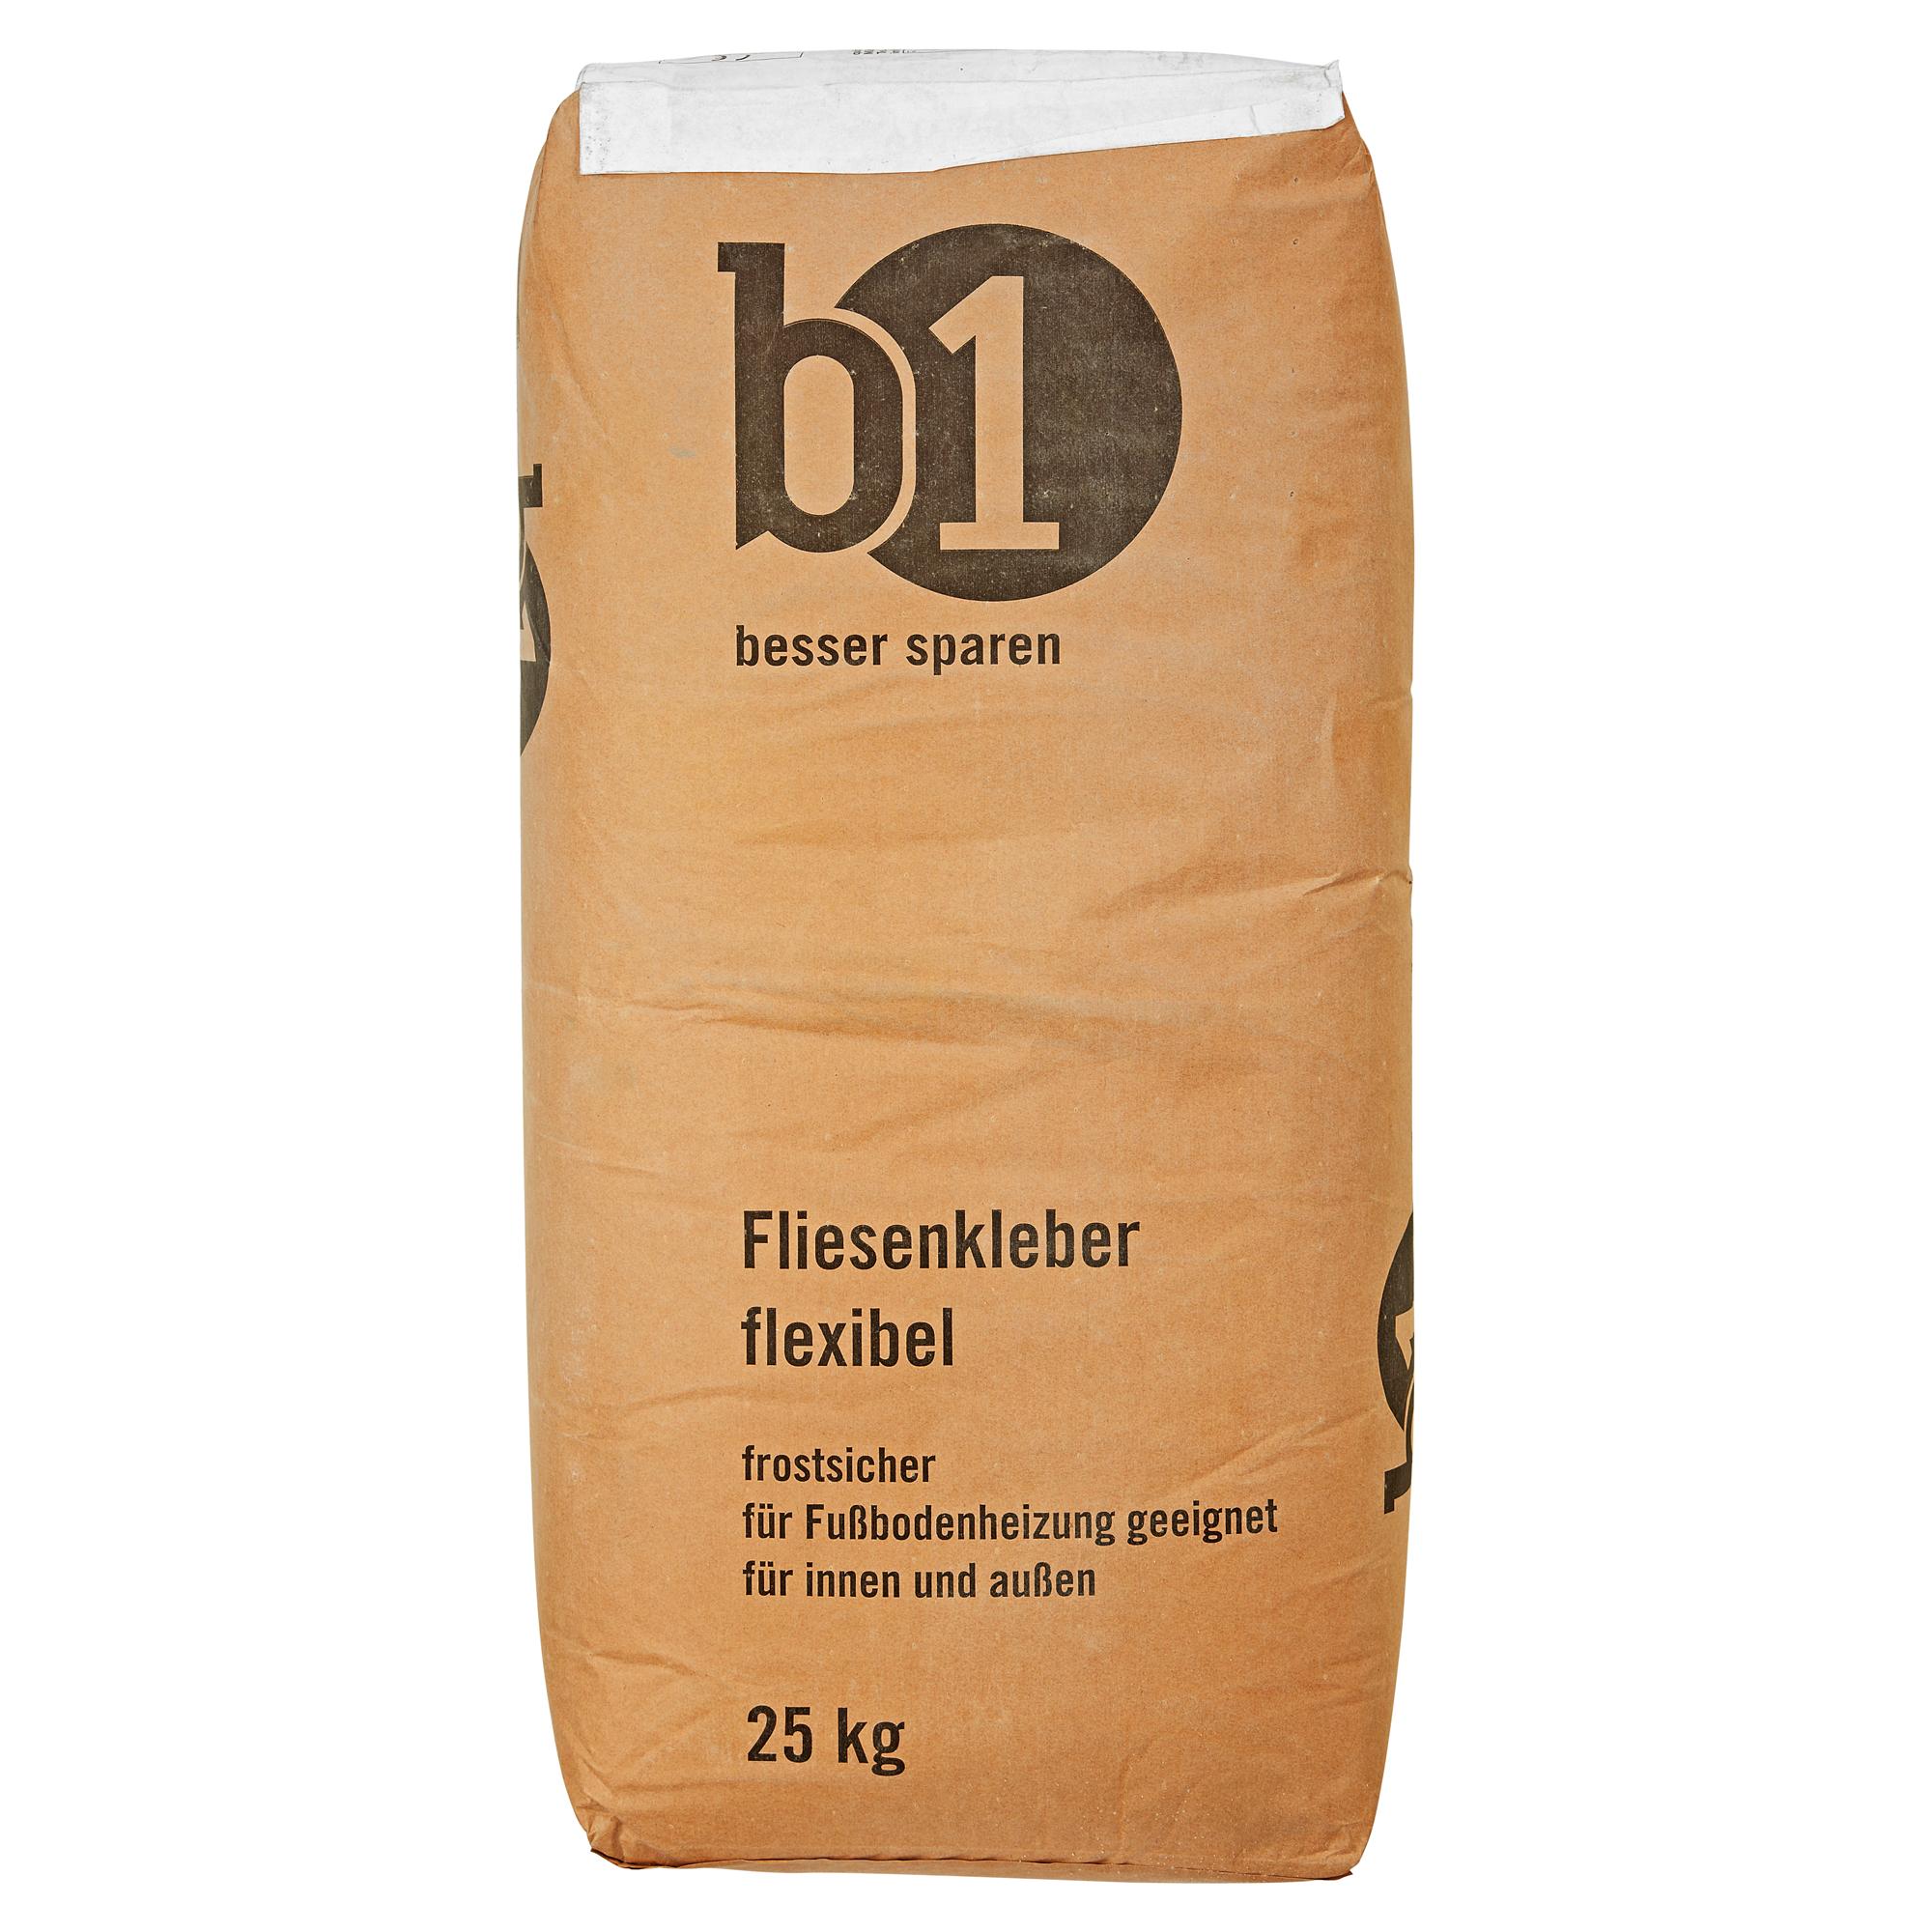 Relativ B1 Fliesenkleber flexibel ǀ toom Baumarkt AV17